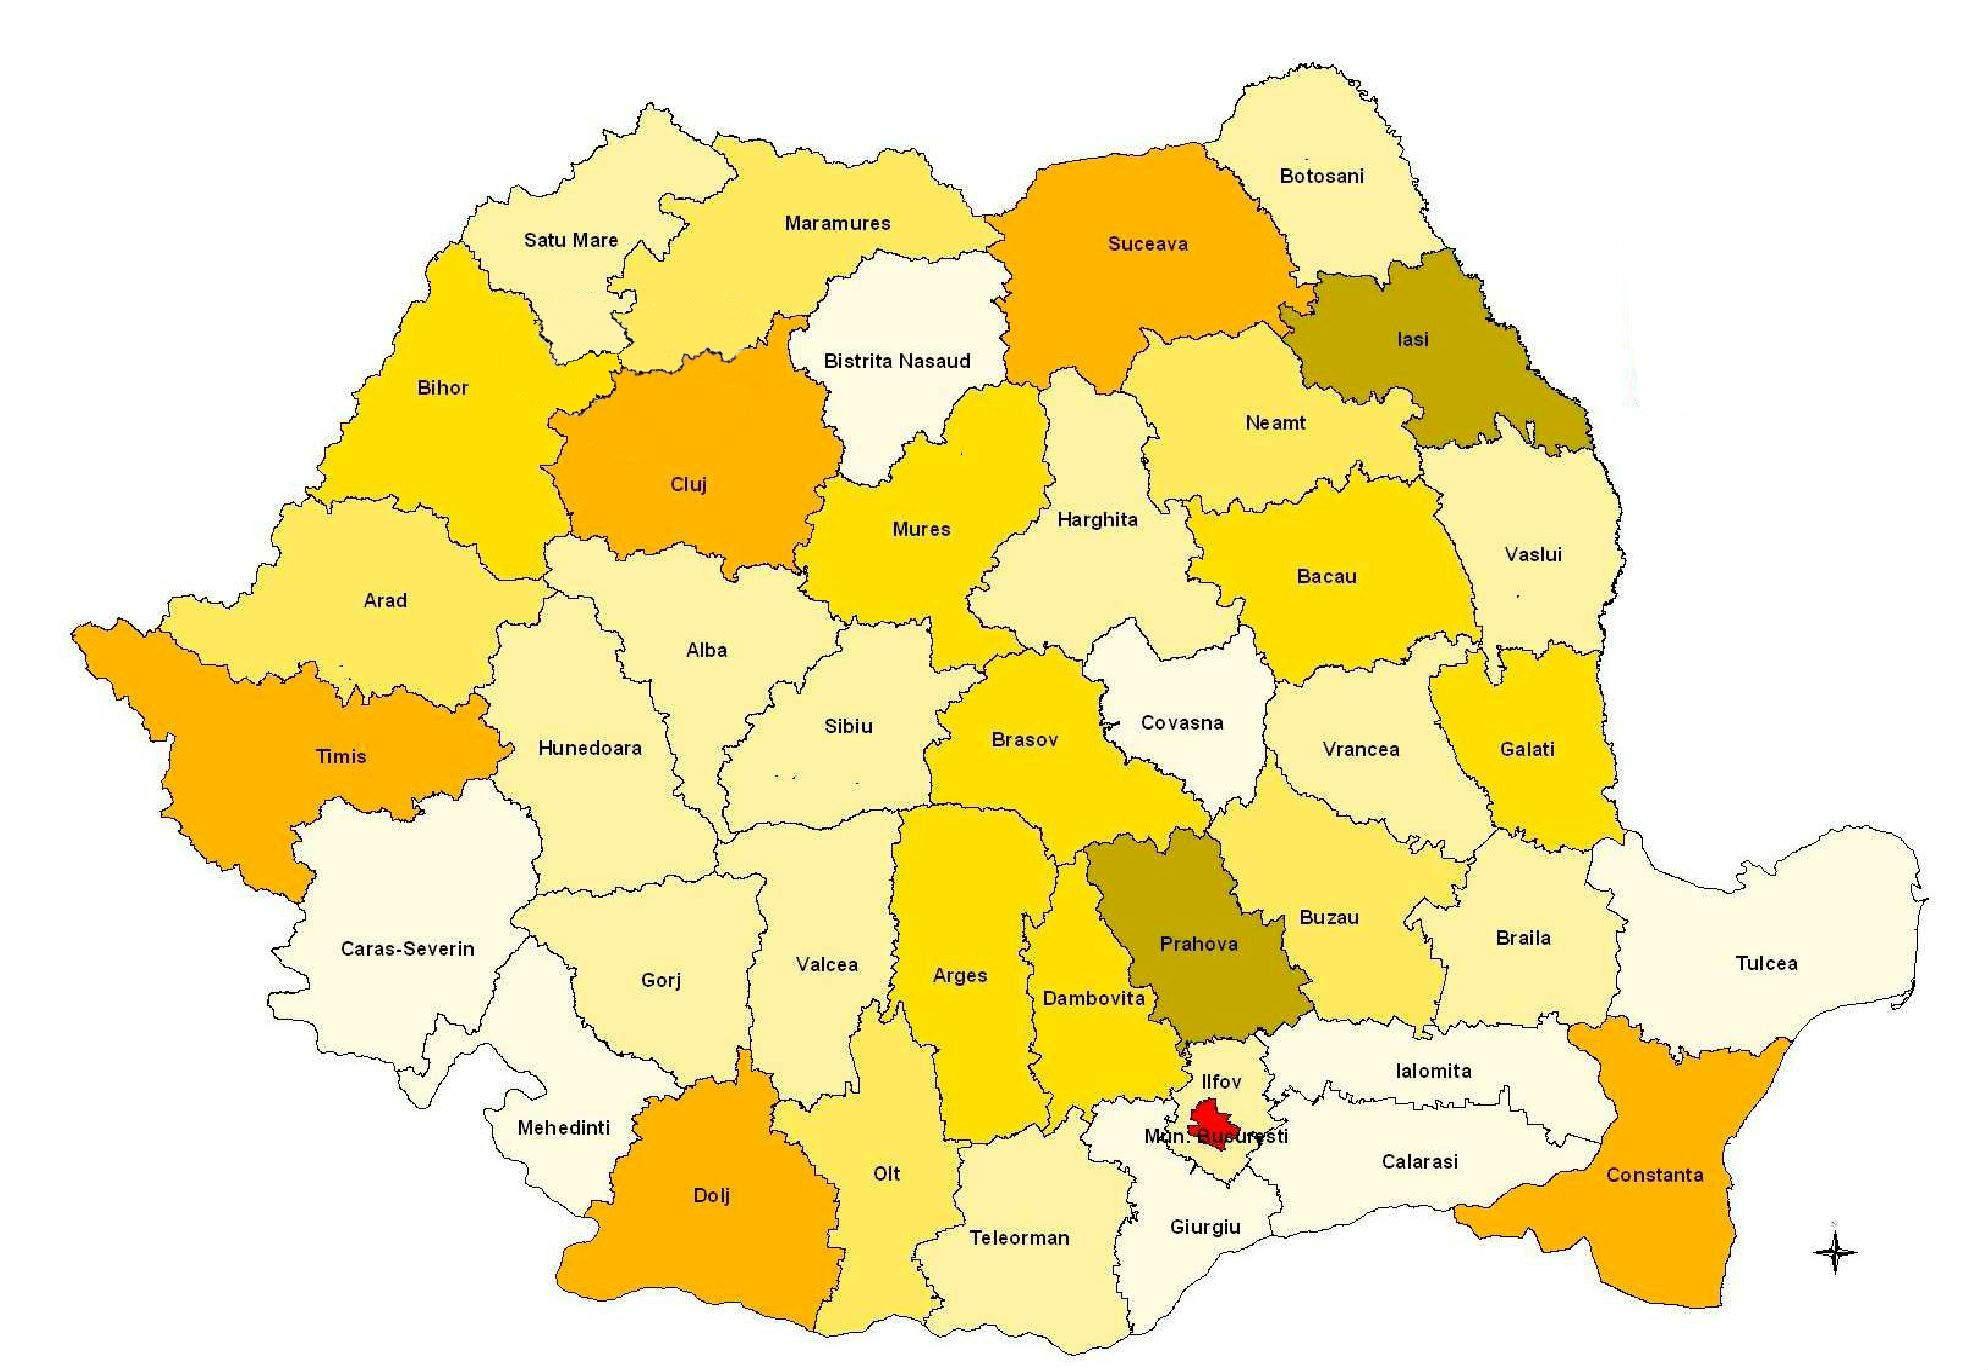 Lui Cioloş i s-a anulat buletinul, că la locul naşterii apare un judeţ fictiv, Sălaj